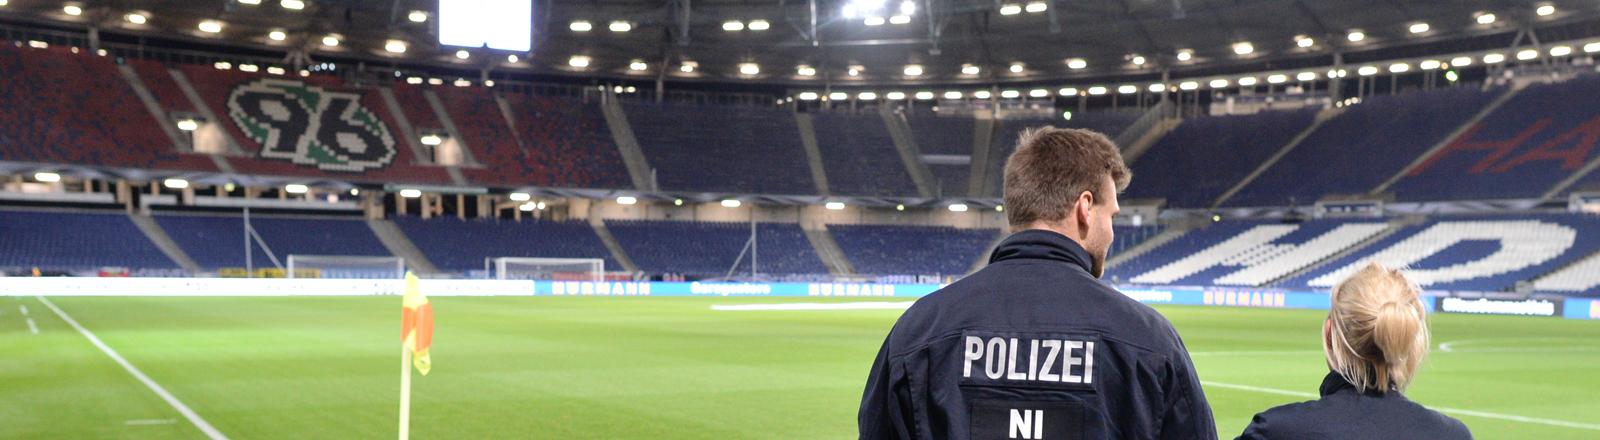 Zwei Polizisten stehen am frühen Morgen des 18.11.2015 in der leeren HDI-Arena in Hannover (Niedersachsen). Hier sollte am Vorabend das Länderspiel Deutschland gegen Niederlande stattfinden, wurde jedoch kurzfristig aufgrund einer Terrorwarnung abgesagt.